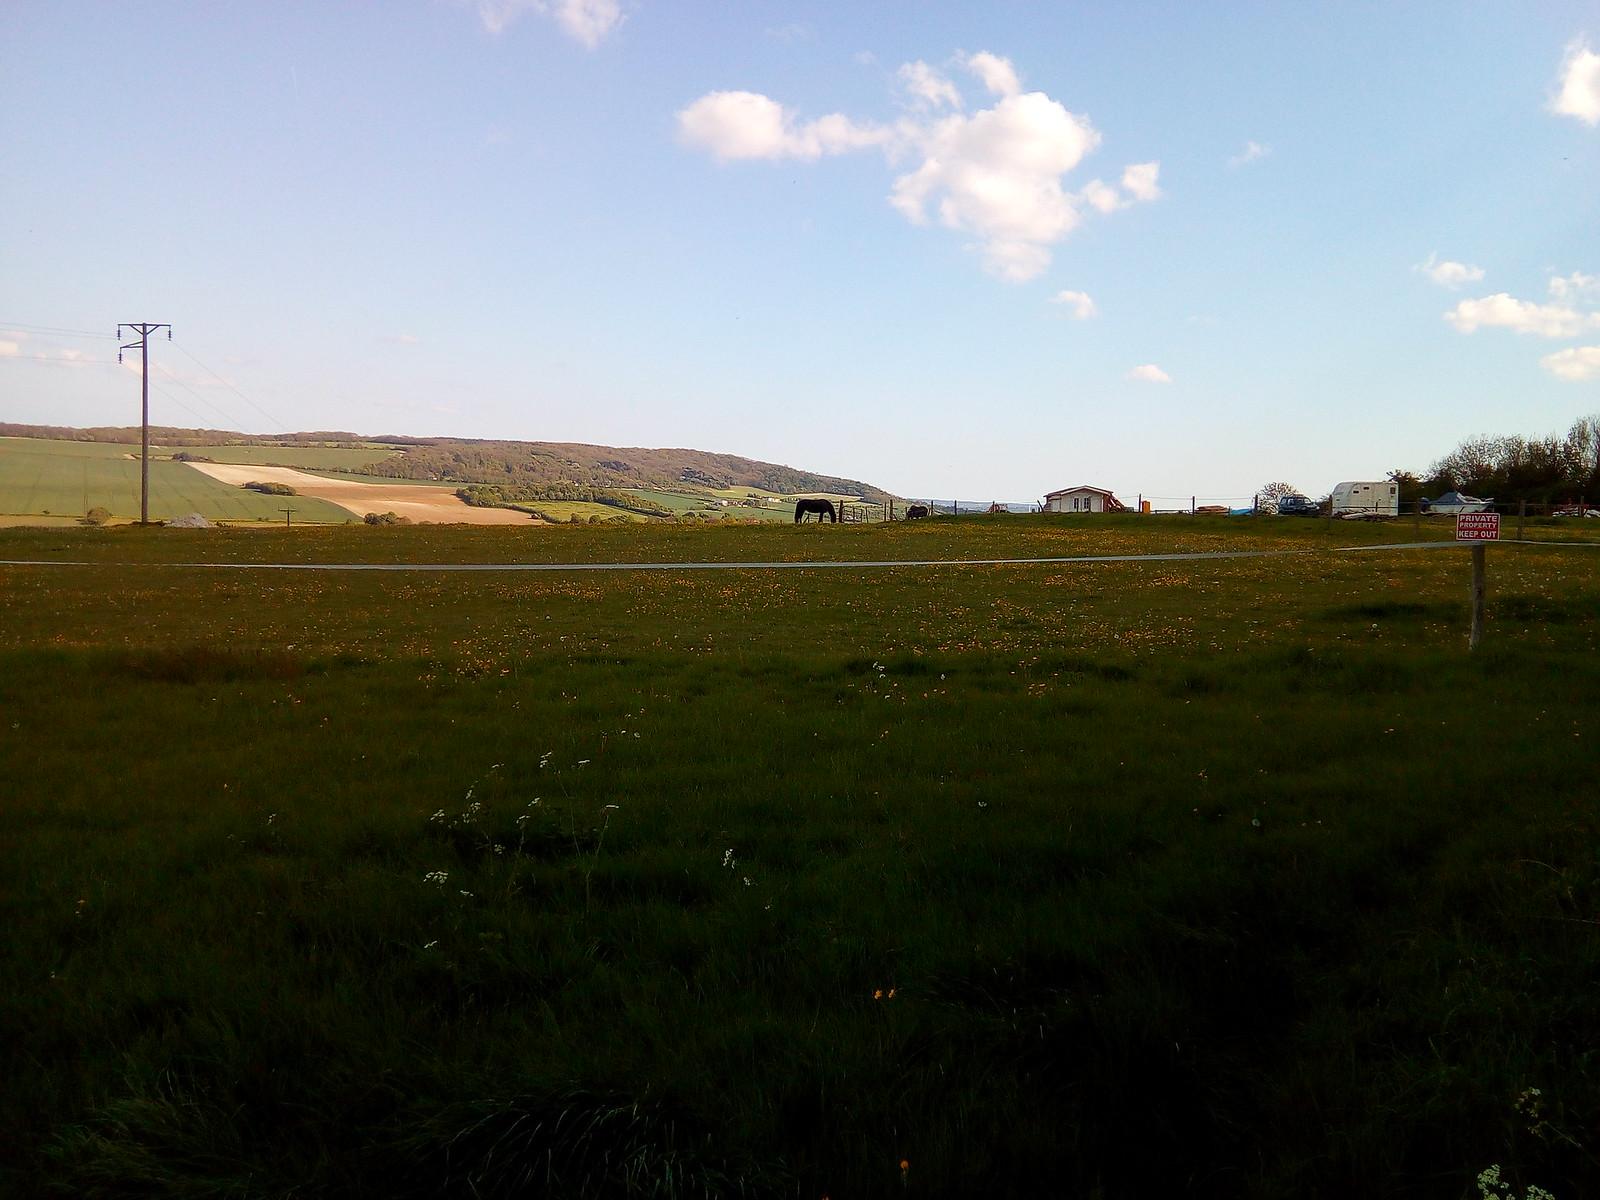 Approaching Cuxton